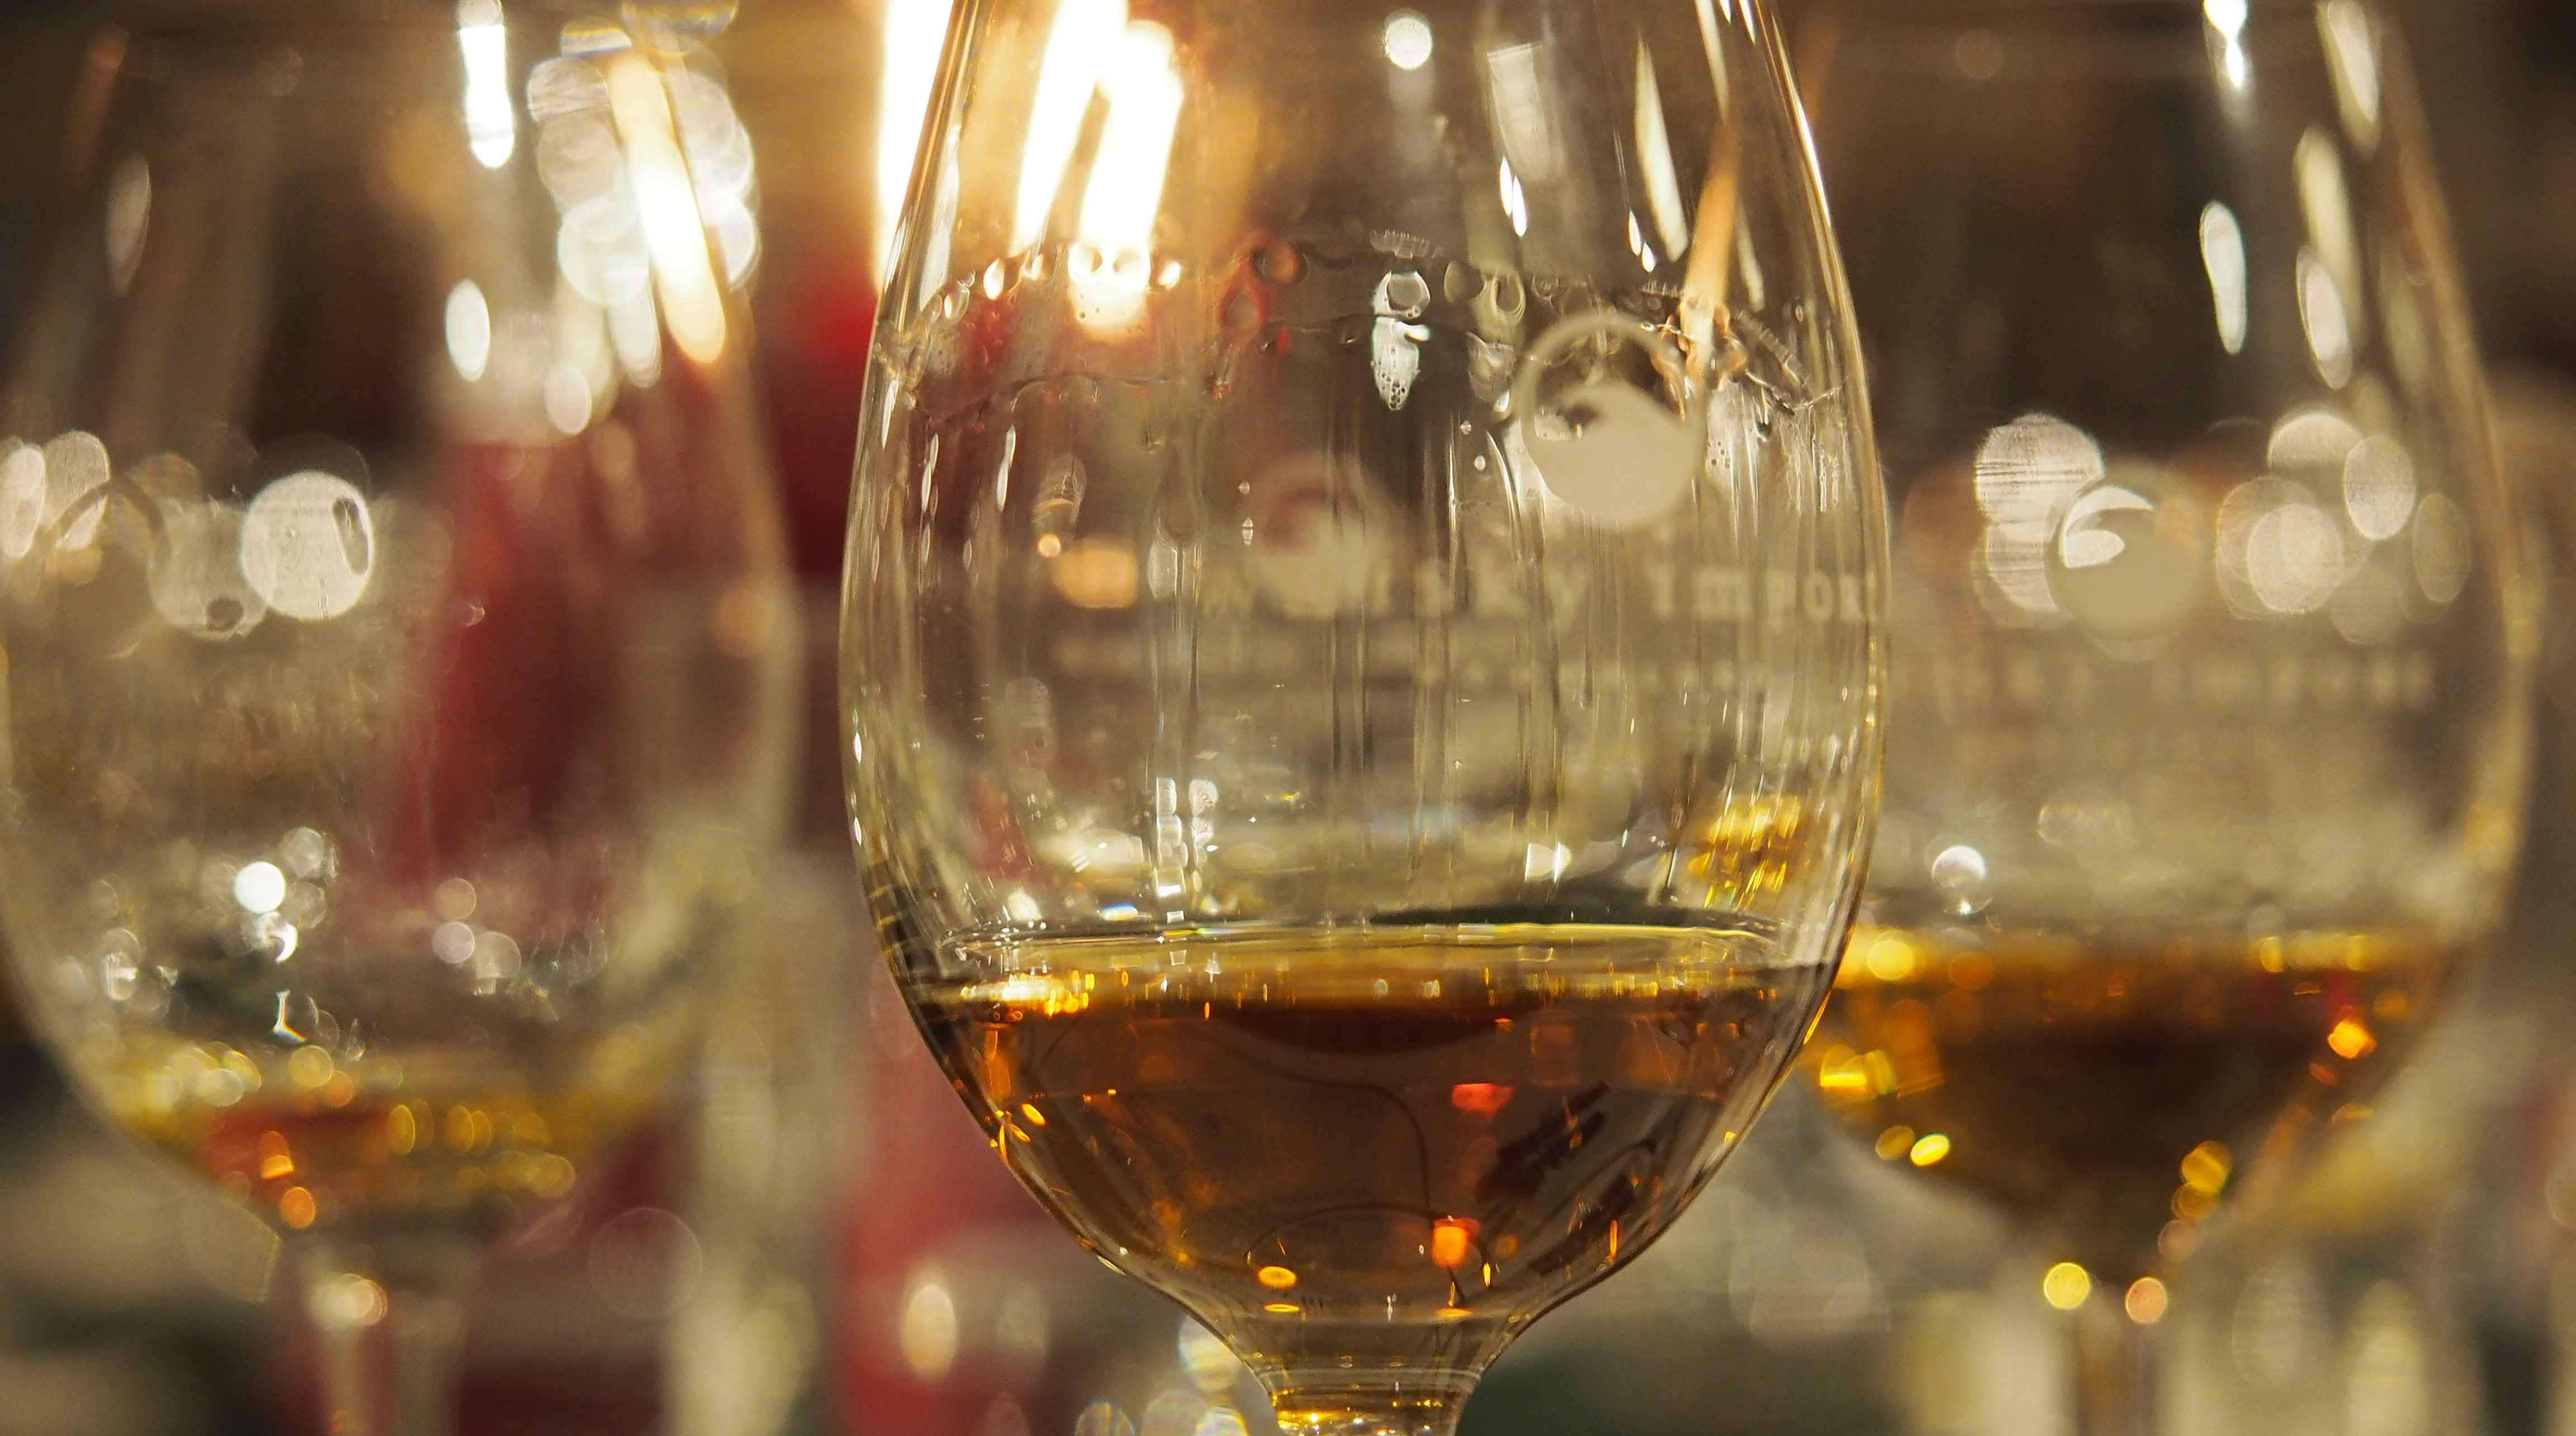 Henri Goossen Whiskyteacher whiskyproeverij whiskeyproeverij whisky legs feestavond